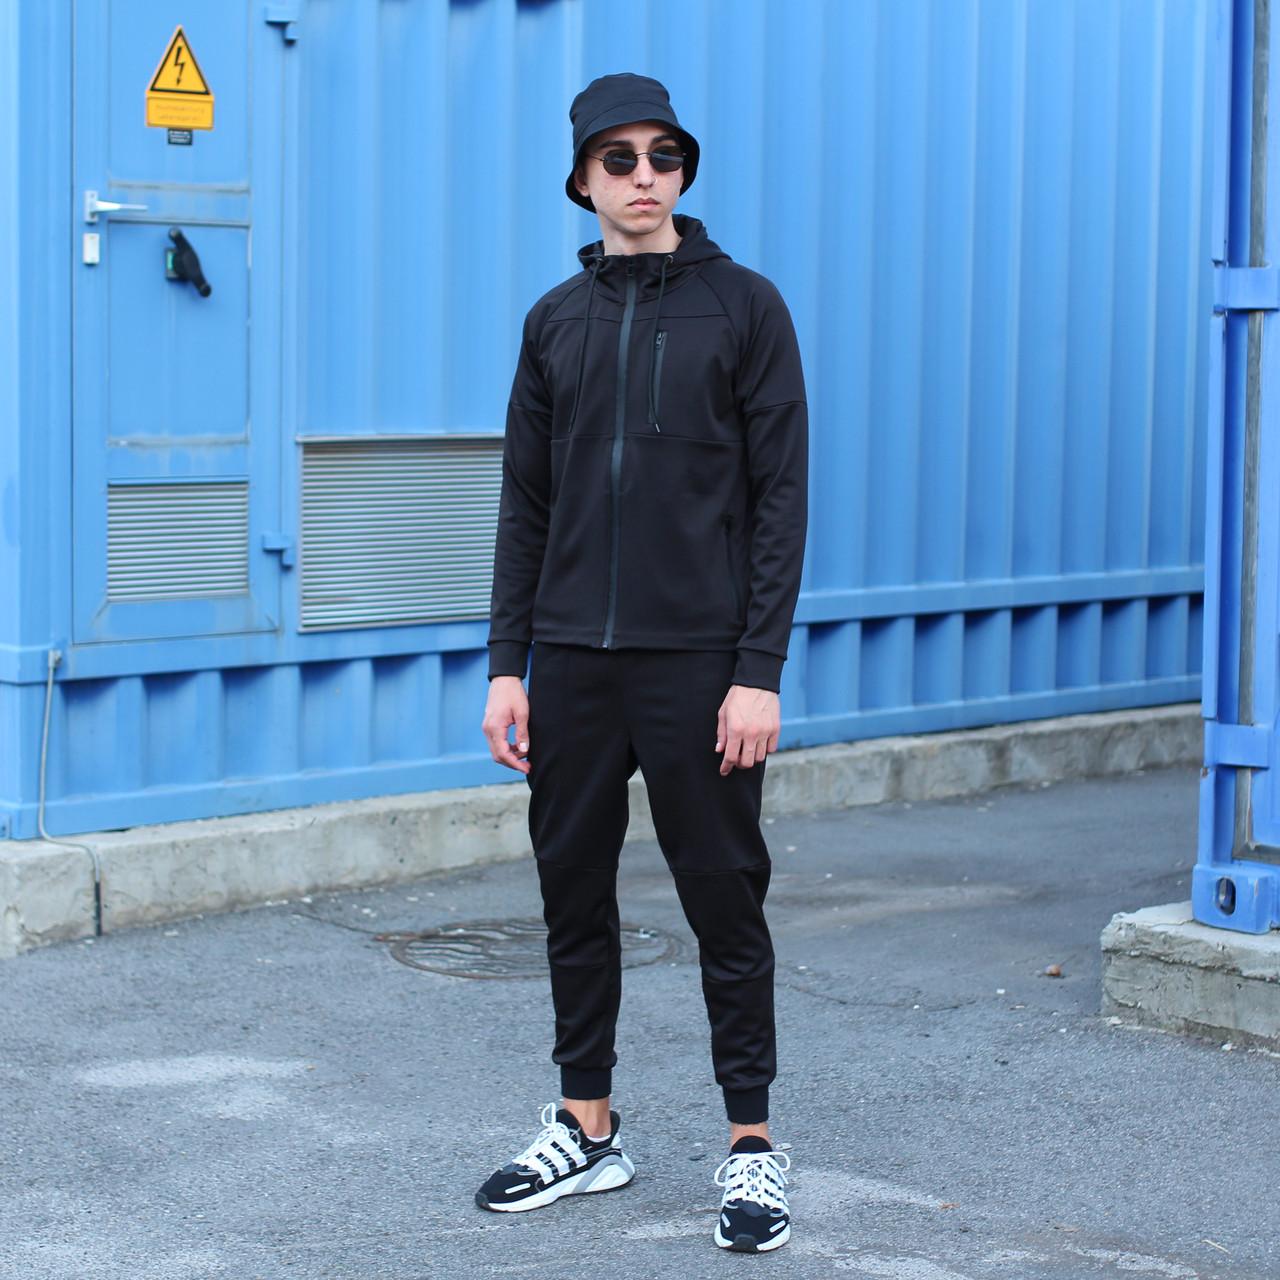 Спортивный костюм мужской черный Актив  размер: XS, S, M, L, XL